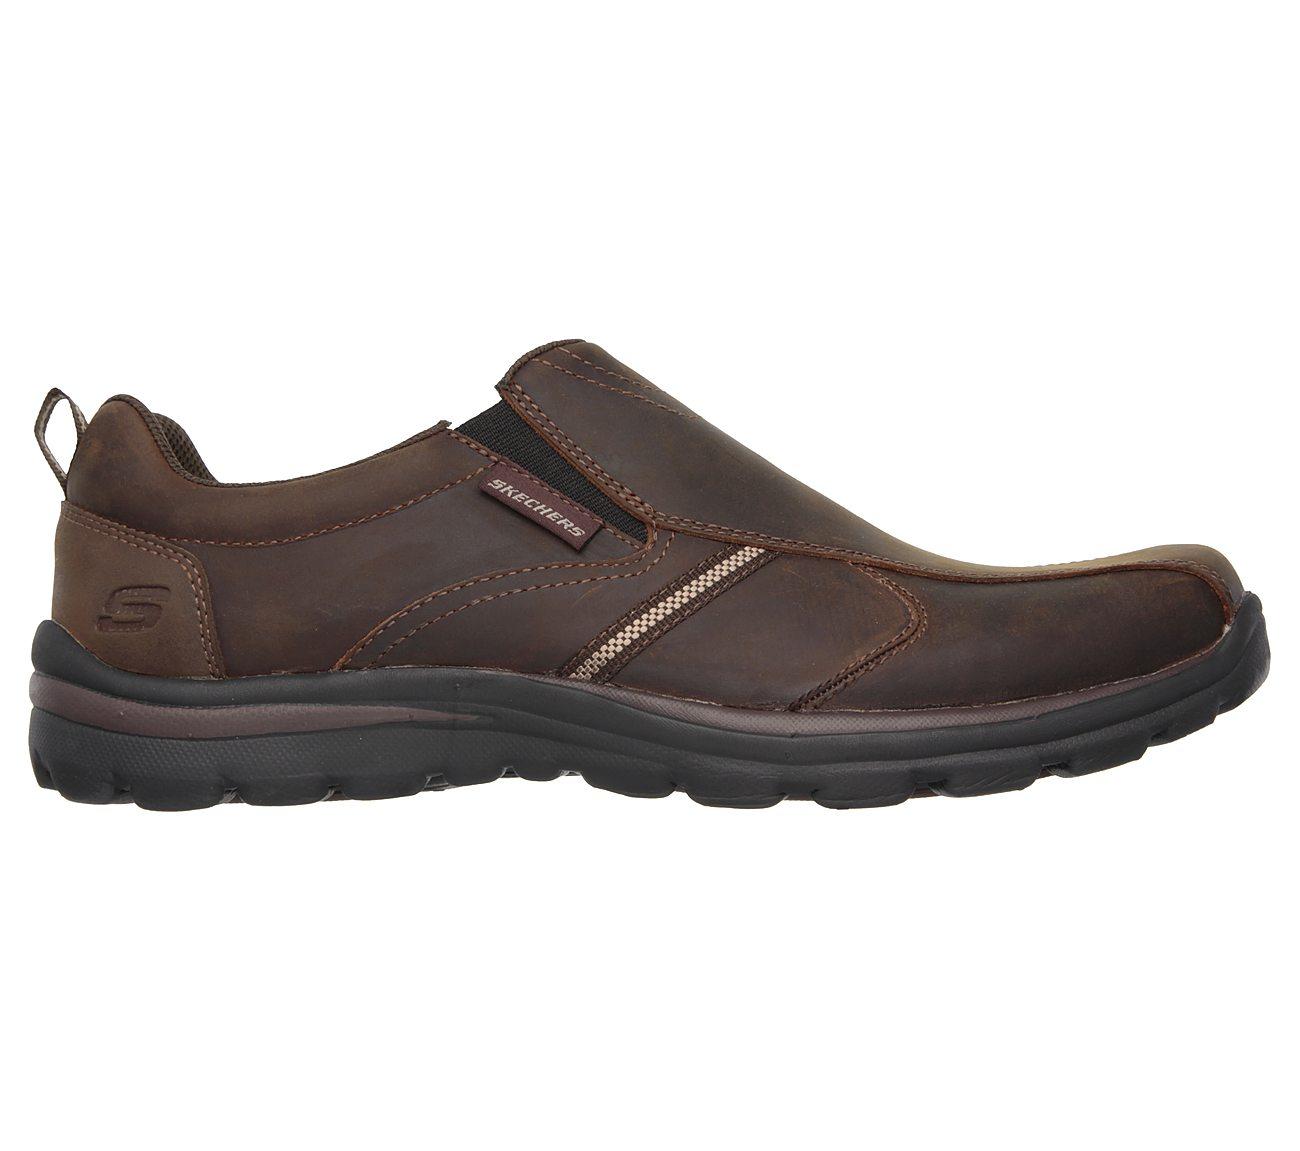 empresario extraer interfaz  Buy SKECHERS Relaxed Fit: Superior - Misko SKECHERS Relaxed Fit Shoes